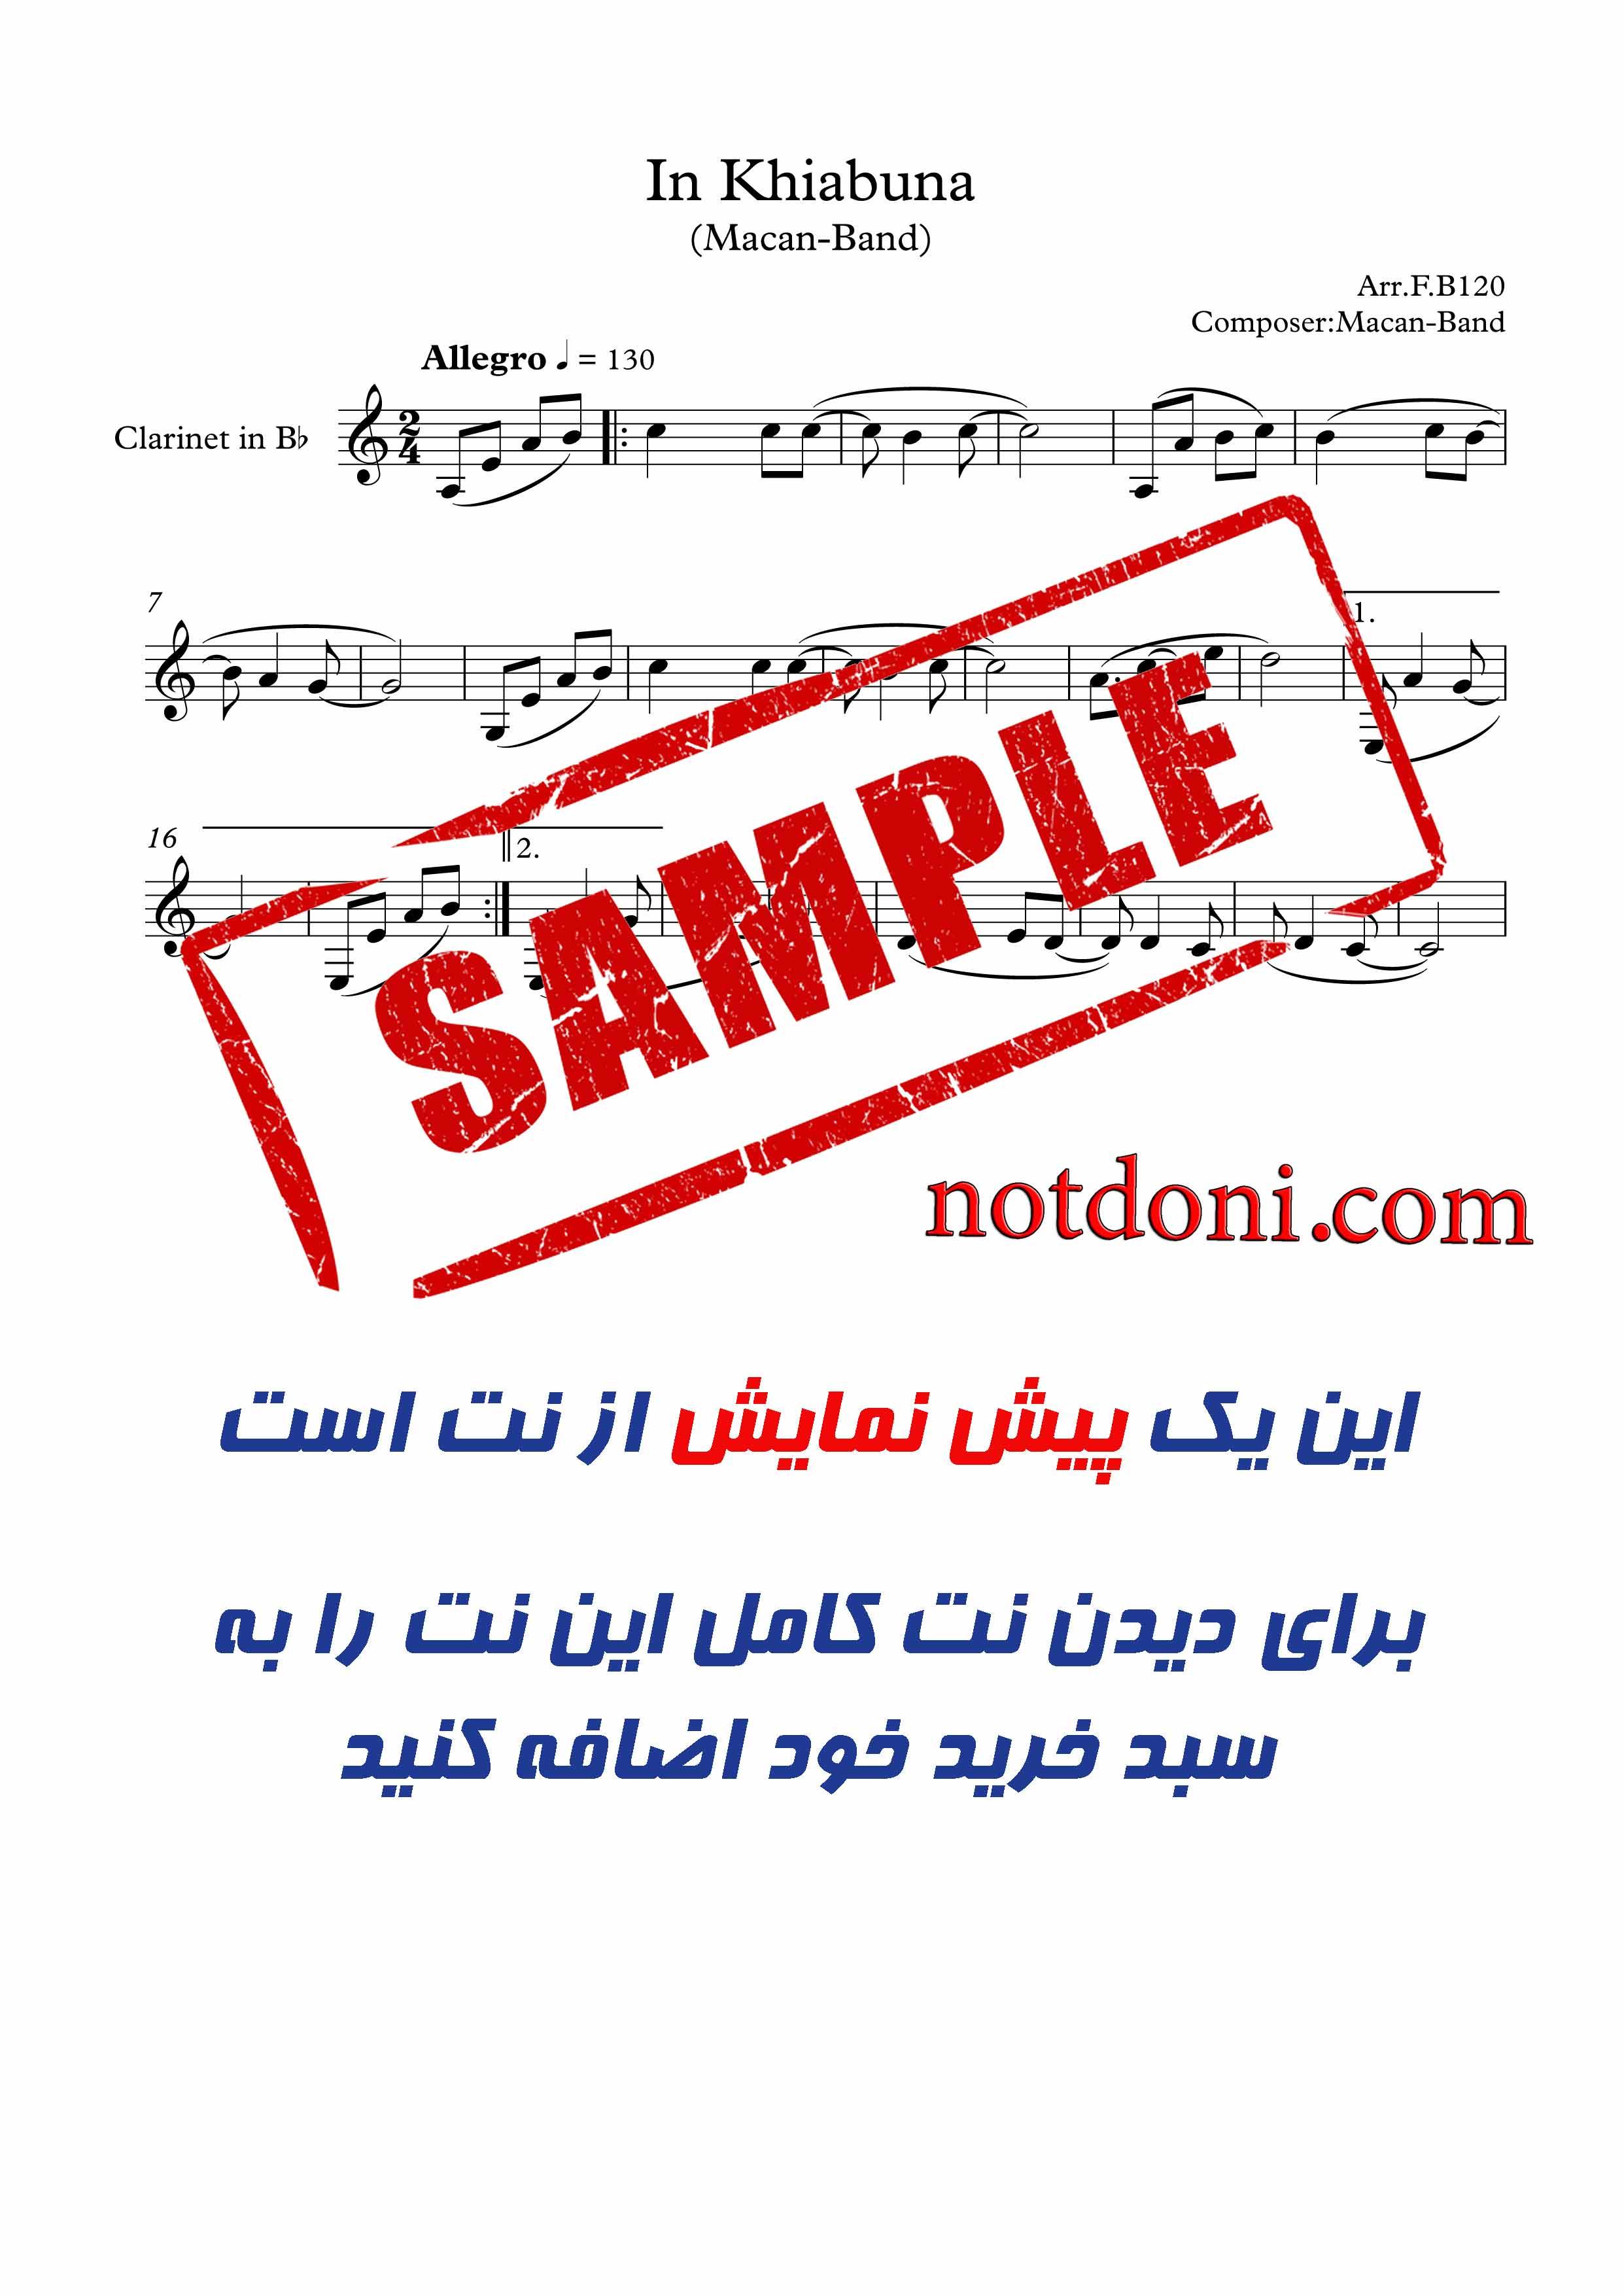 14377c6b-bb91-4ebc-879a-bd4d0cf59711_دموی-نت-آهنگ-این-خیابونا-کلارینت.jpg